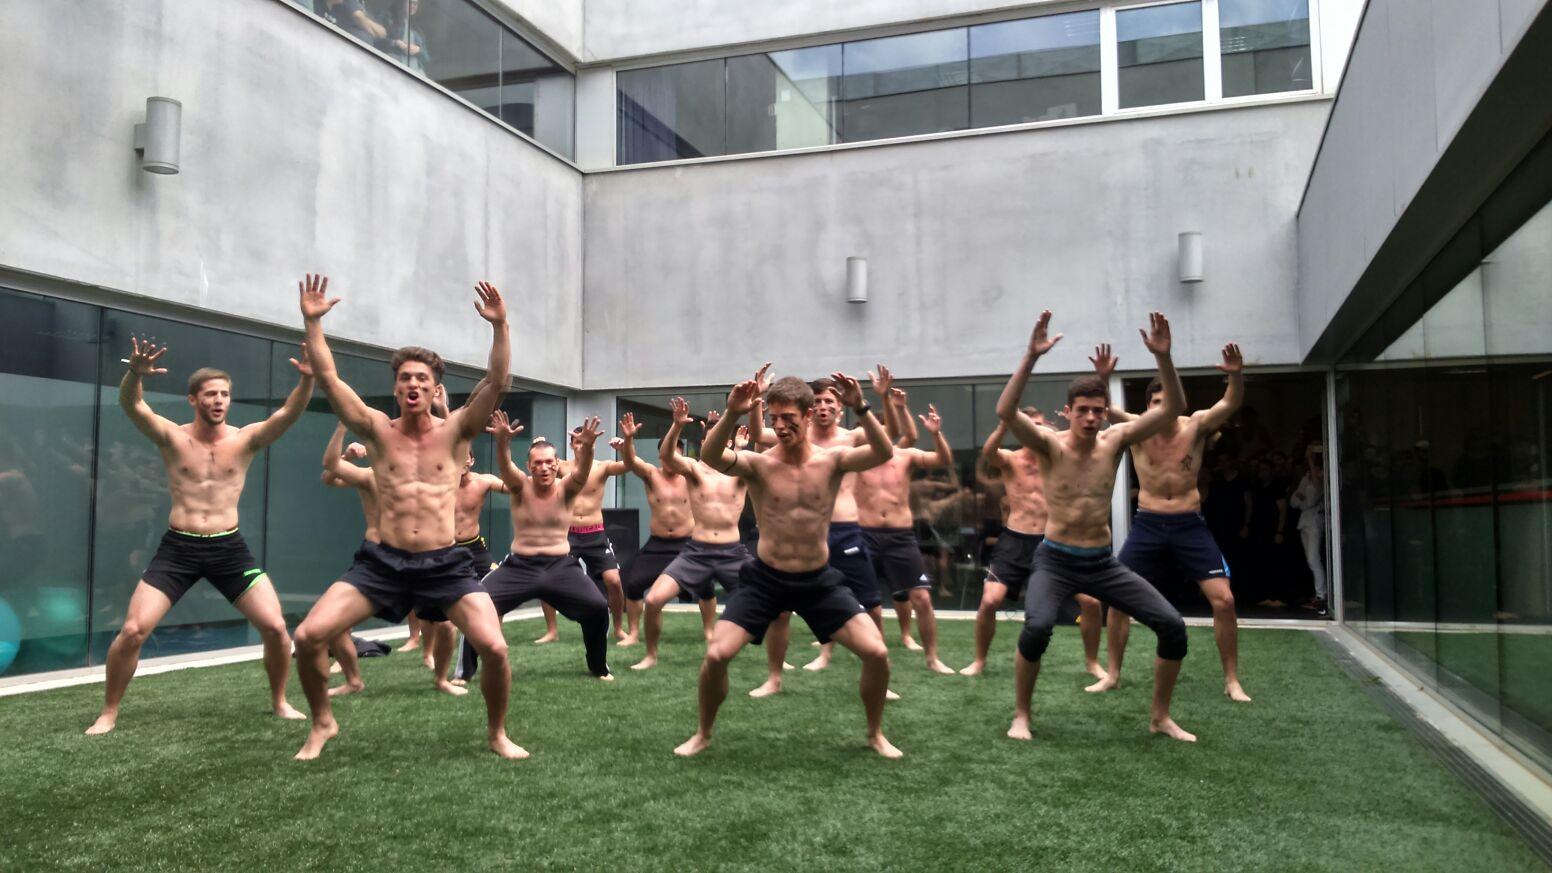 Els alumnes de 1r de CAFE d'EUSES celebren el Dia Mundial de la Dansa fent una performance al pati interior de l'escola